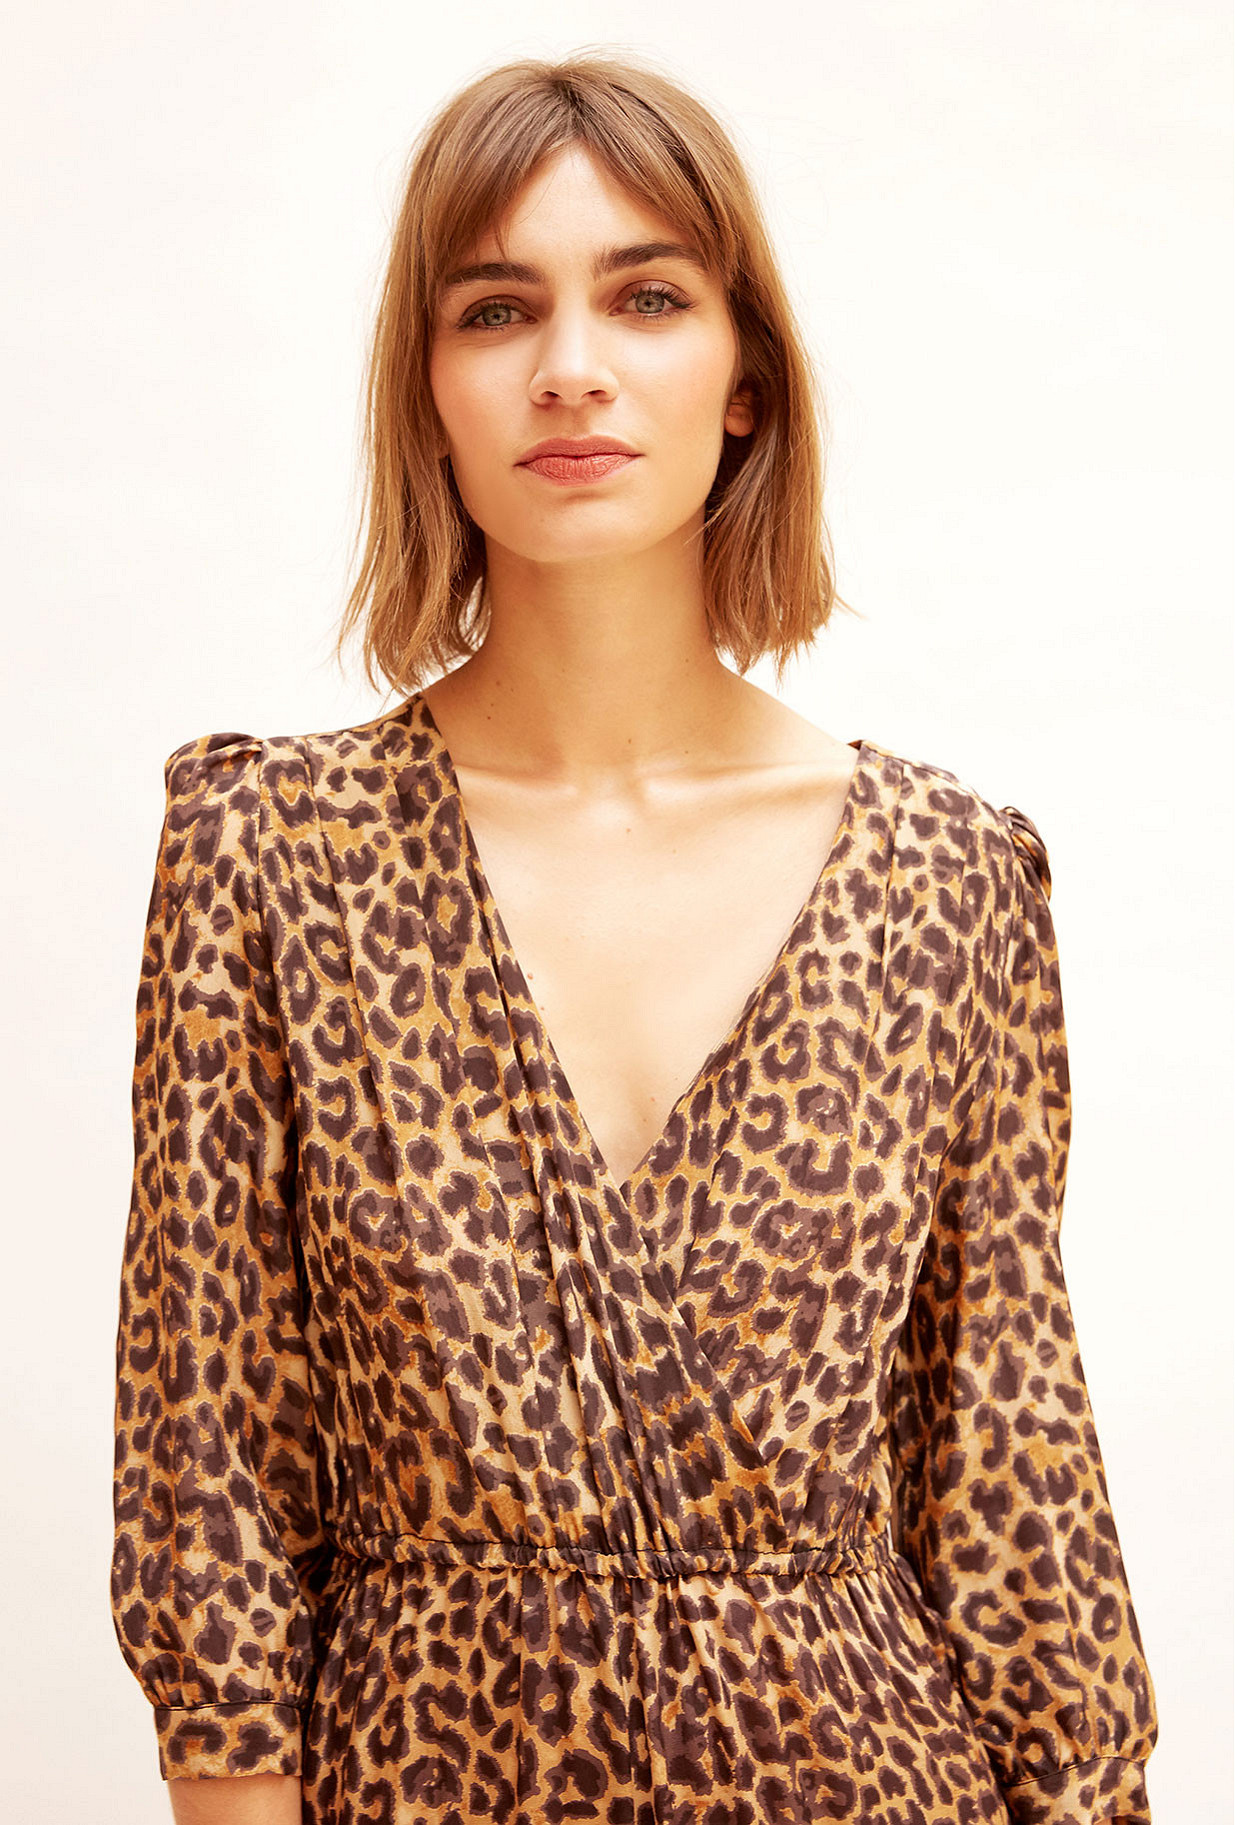 Paris clothes store Jumpsuit  Slash french designer fashion Paris